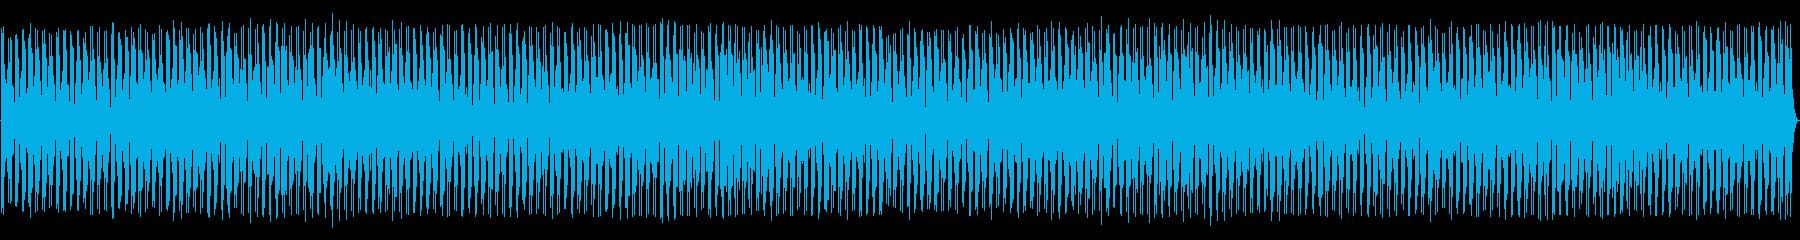 チェロ、ハープ、ストリングスからの...の再生済みの波形